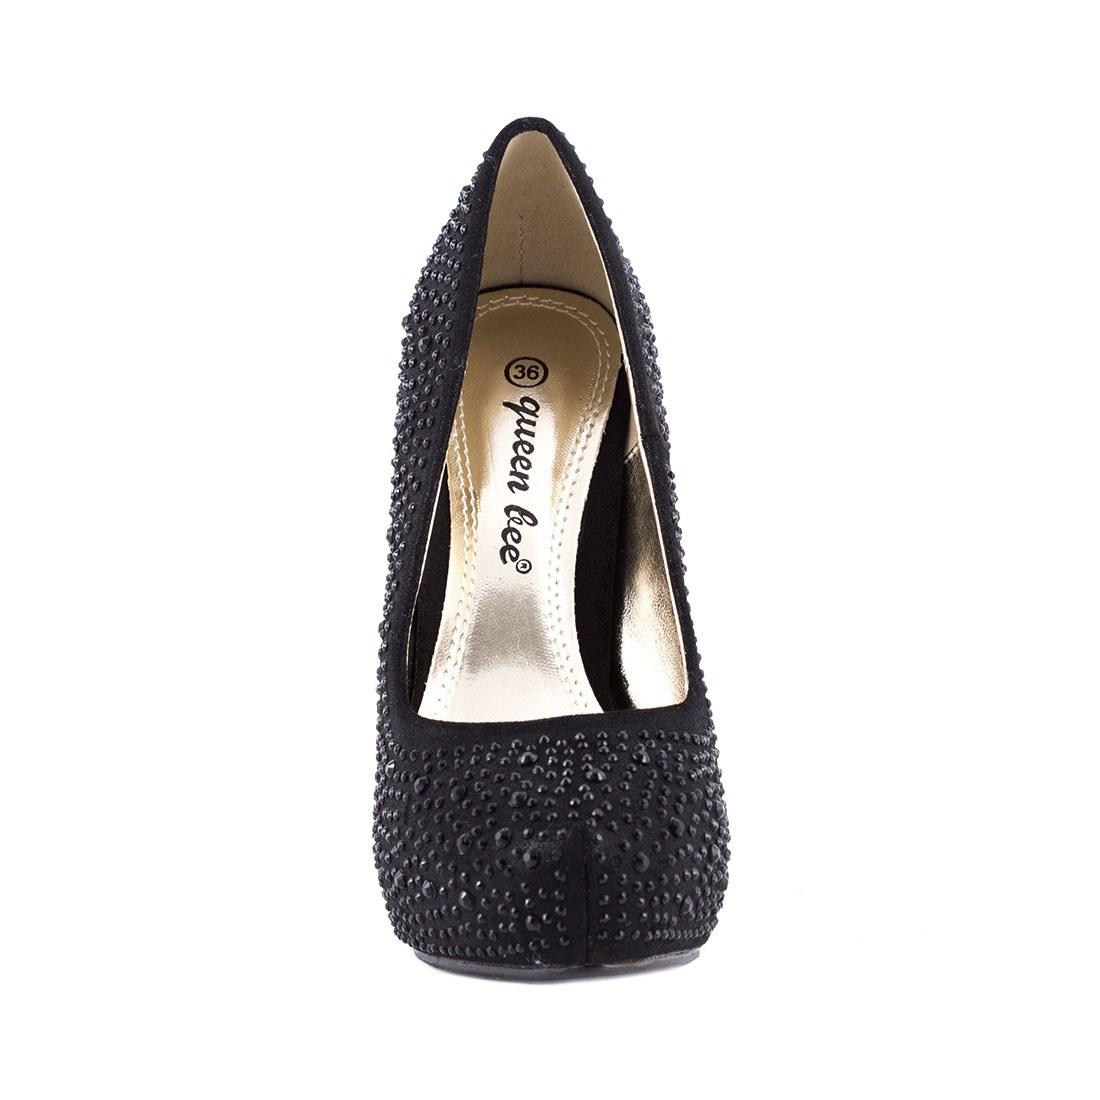 Pantofi dama cu strasuri M3212-4NEGRU